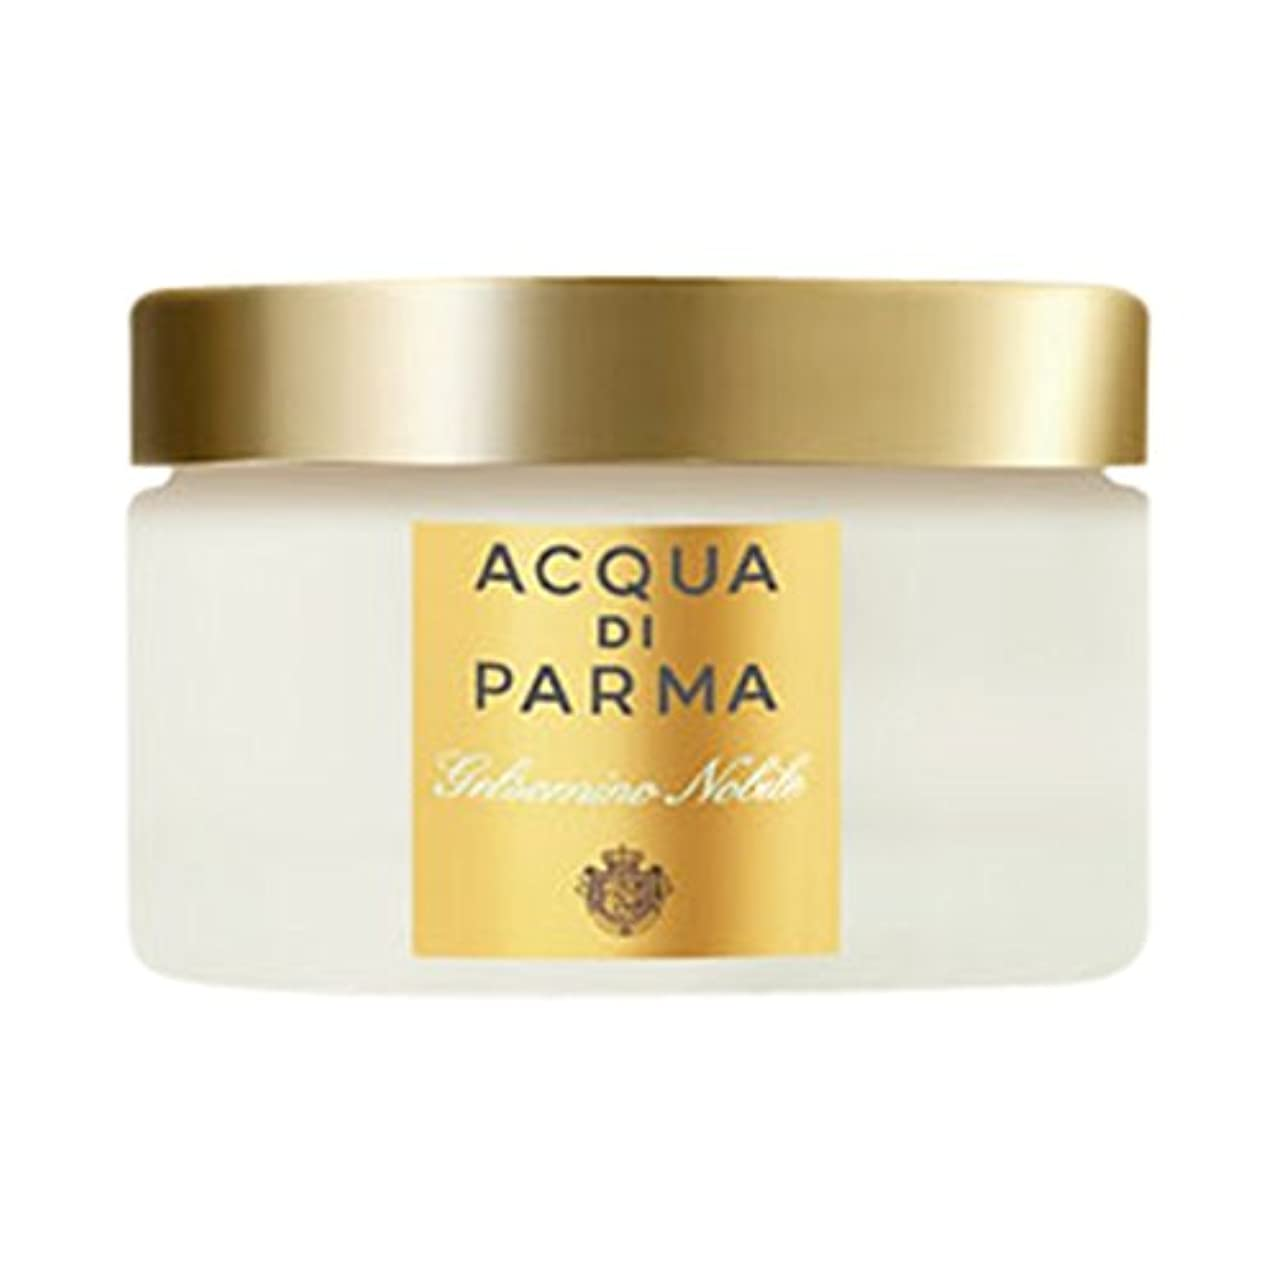 論争的ストローぼかしアクア?ディ?パルマGelsominoノビルボディクリーム150ミリリットル (Acqua di Parma) (x2) - Acqua di Parma Gelsomino Nobile Body Cream 150ml...